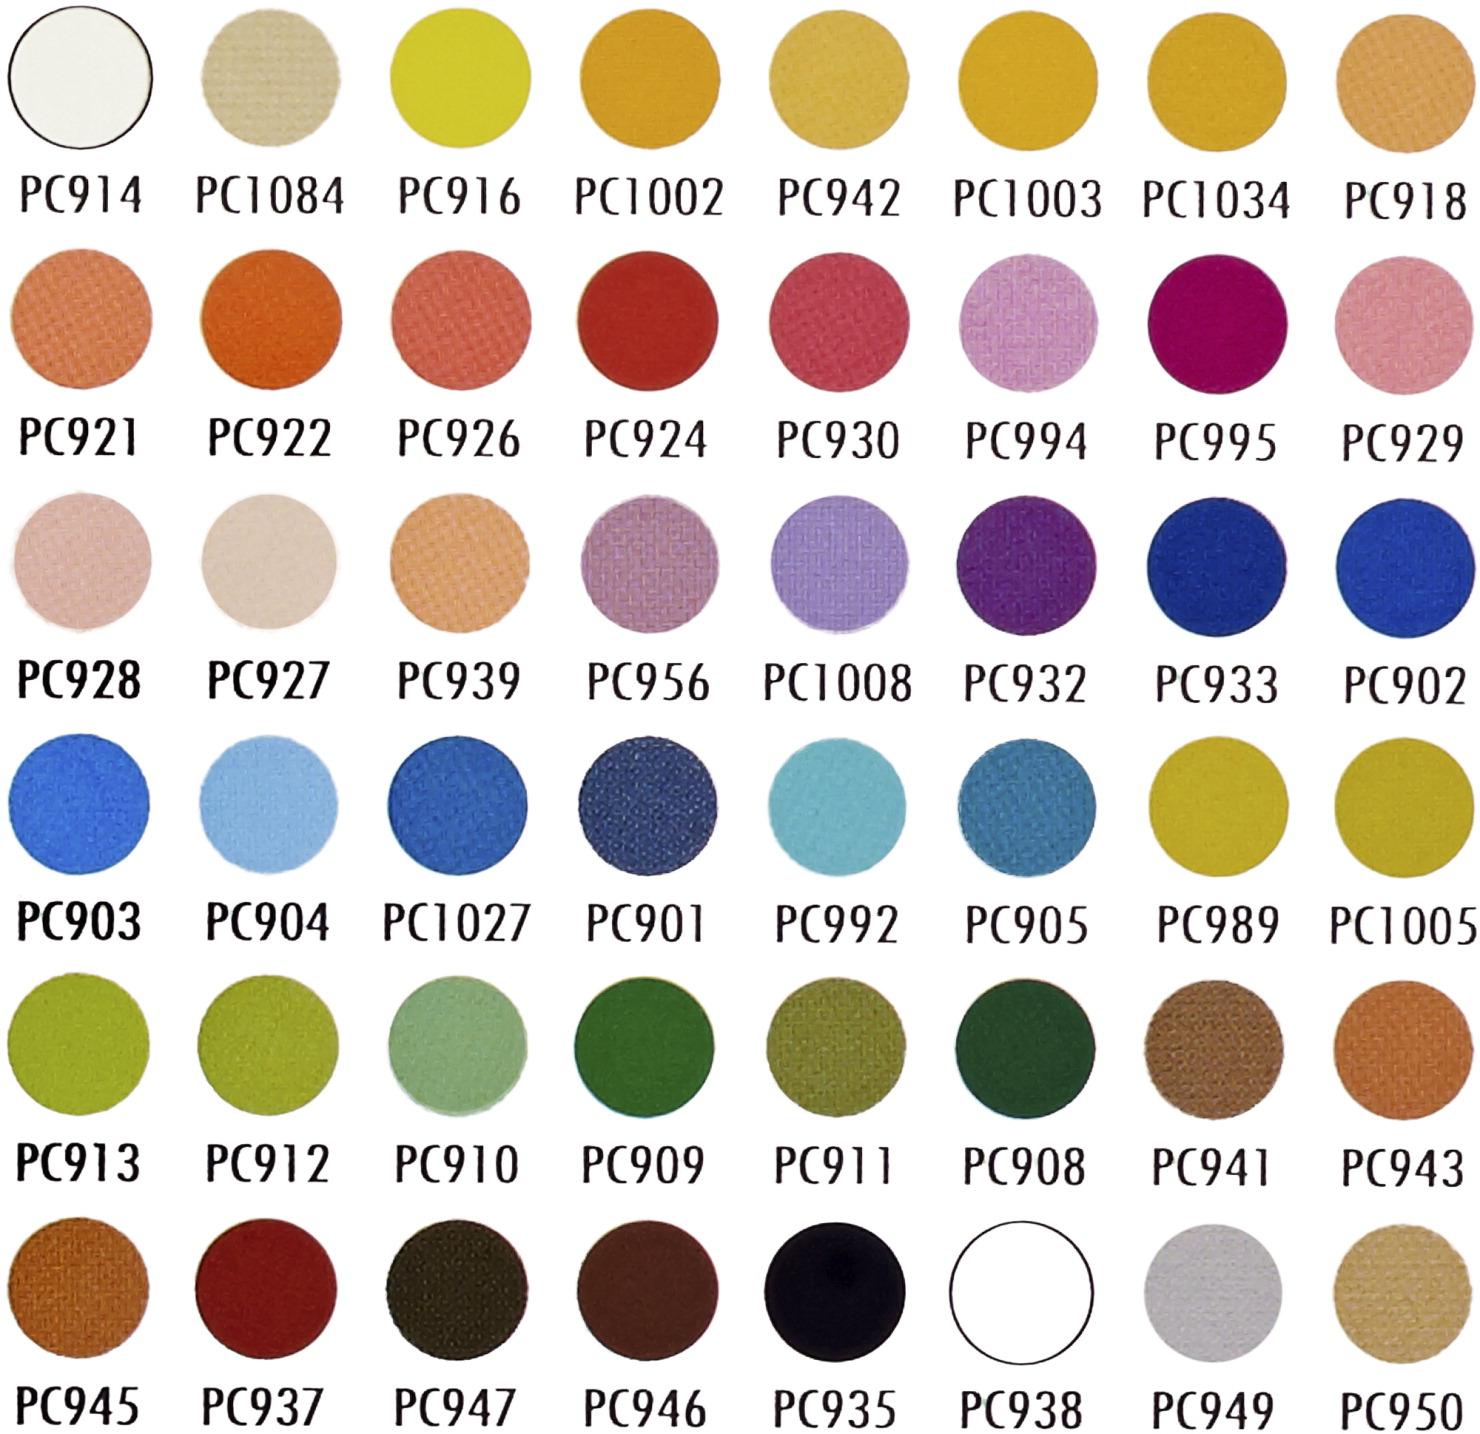 Prismacolor Premier Soft Core Colored Pencils Assorted Colors Set Of 48